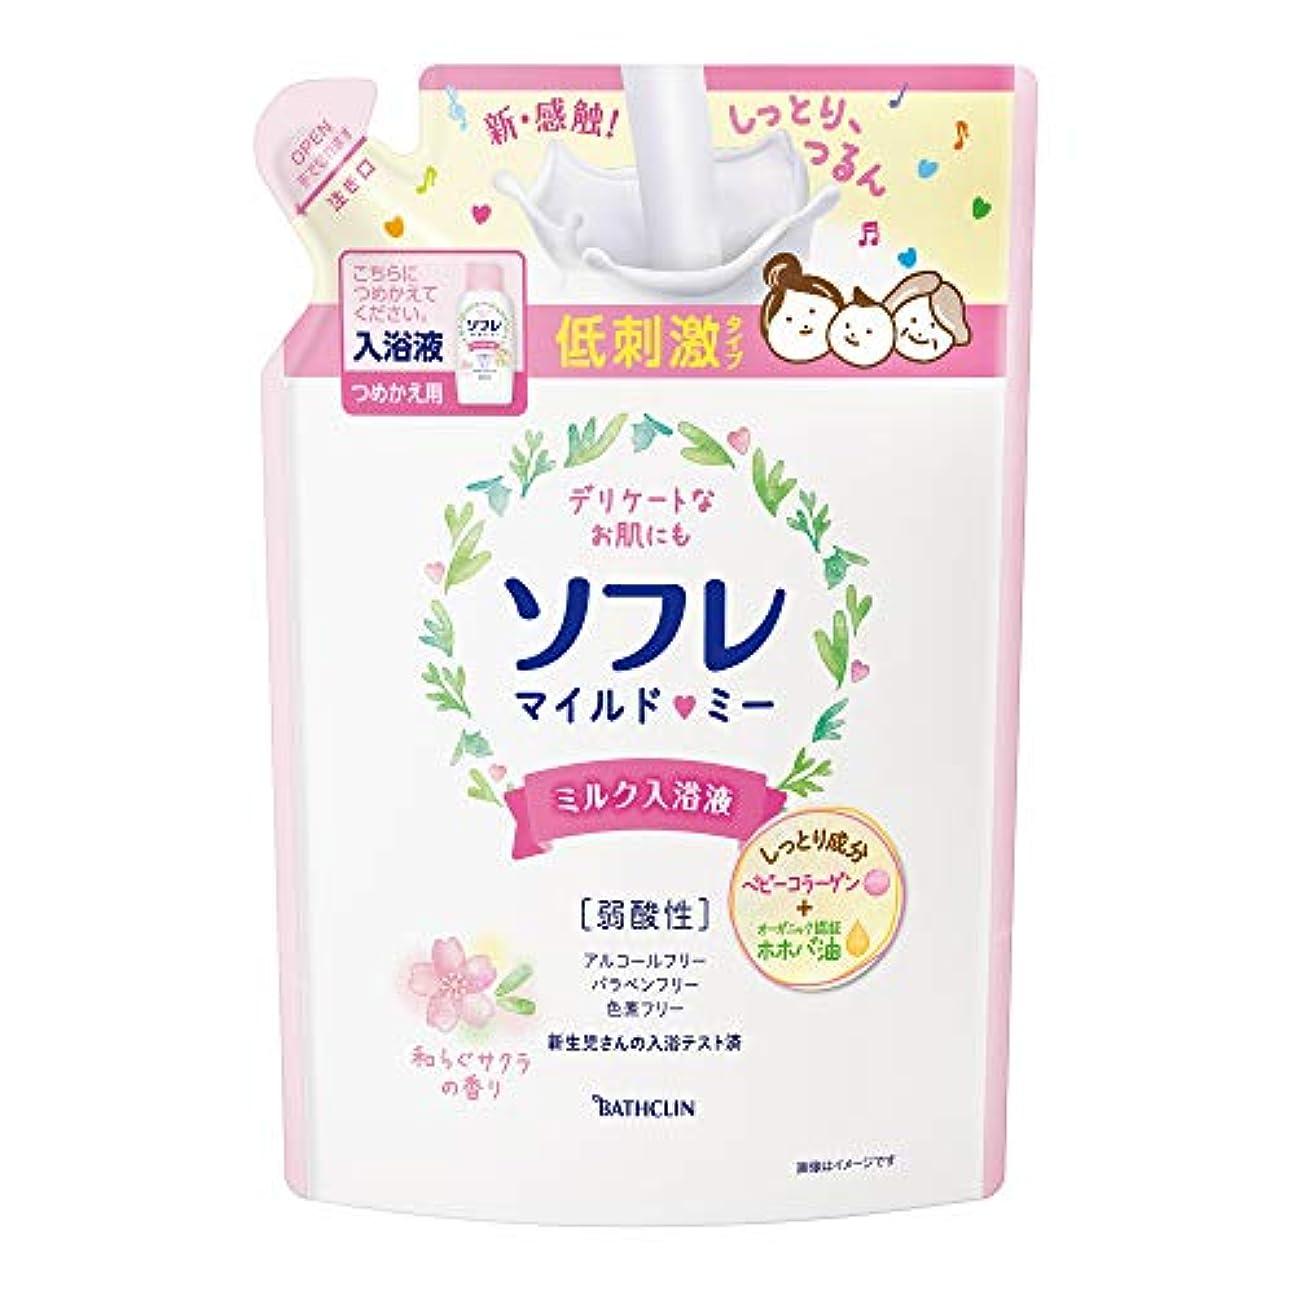 叙情的な引き受ける演劇バスクリン ソフレ入浴液 マイルド?ミー ミルク 和らぐサクラの香り つめかえ用 600mL保湿 成分配合 赤ちゃんと一緒に使えます。